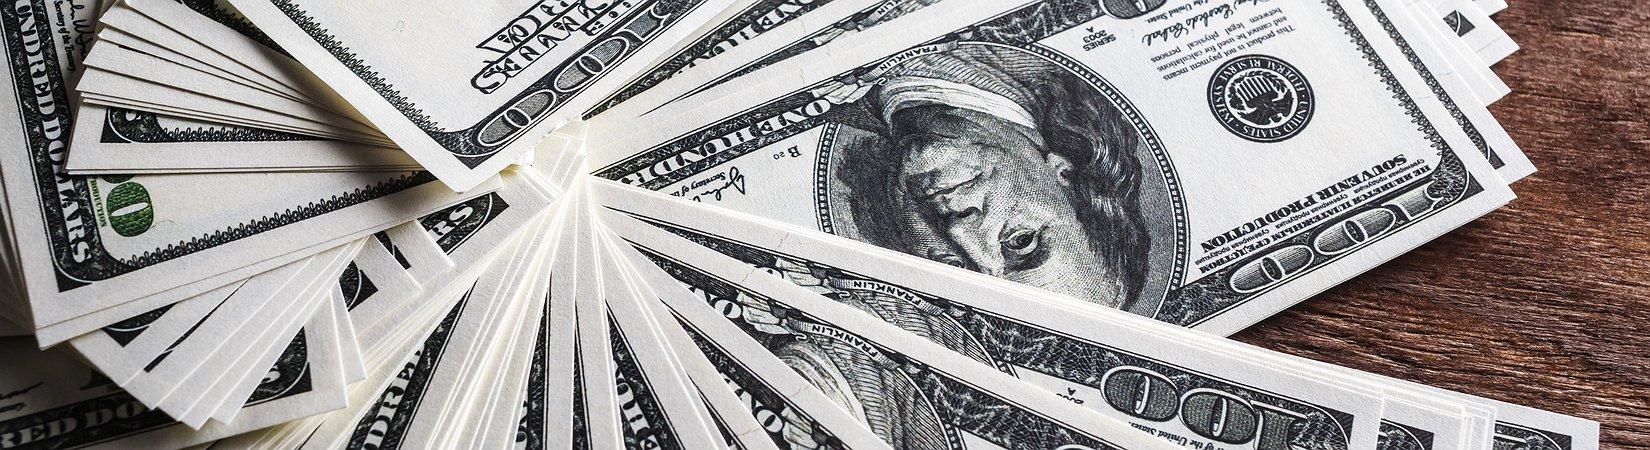 Курс биткоина впервые в истории превысил $3000